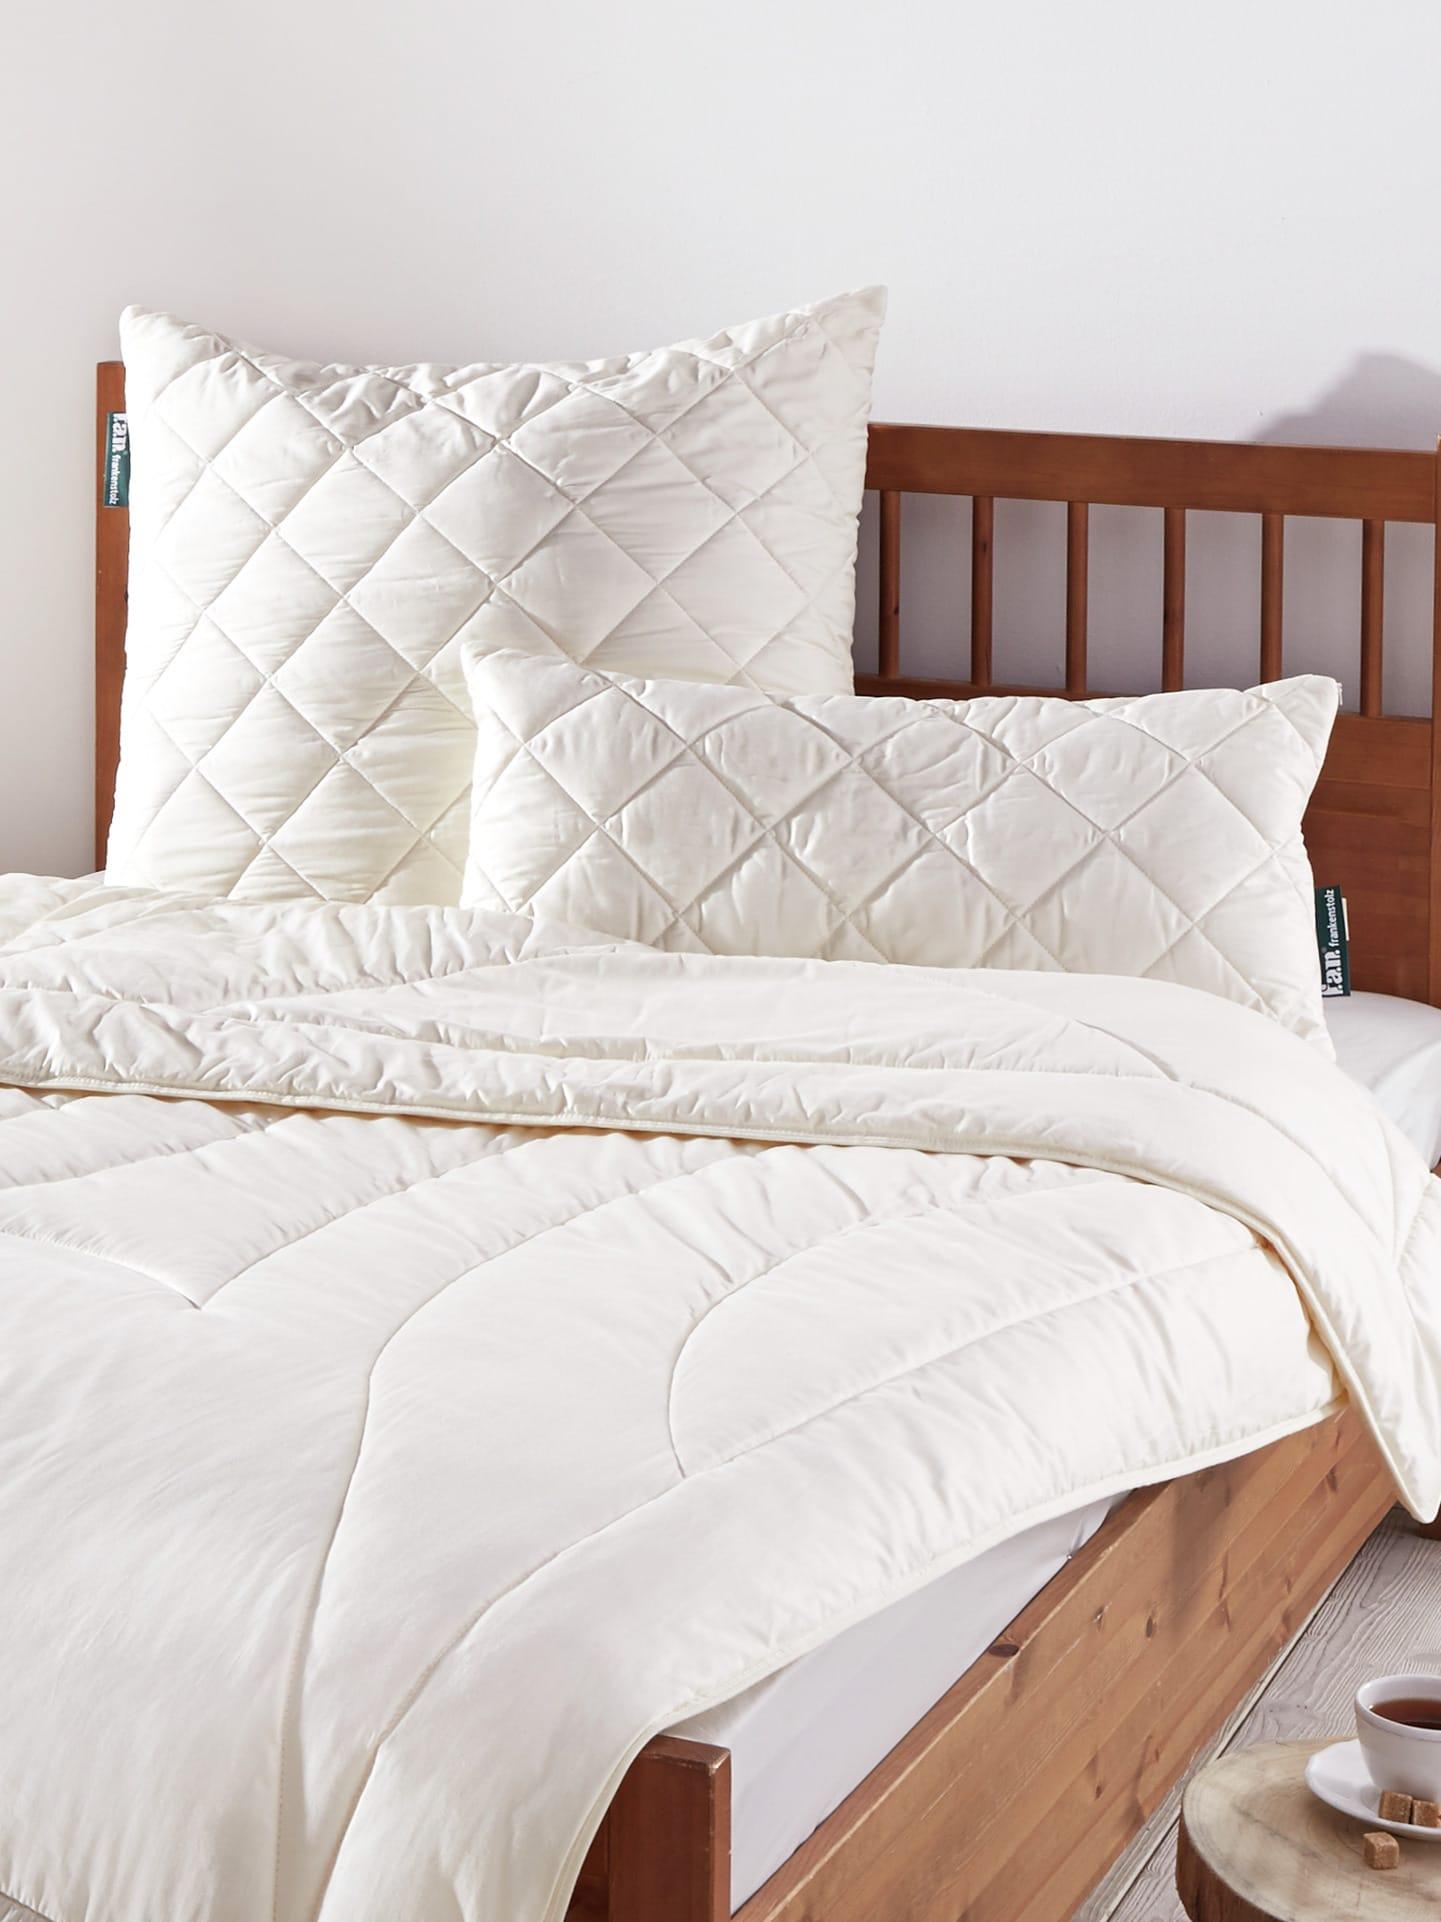 zirben bettdecken schlafzimmer mit schr ge gestalten kopfkissen 80x80 microfaser fernseher. Black Bedroom Furniture Sets. Home Design Ideas